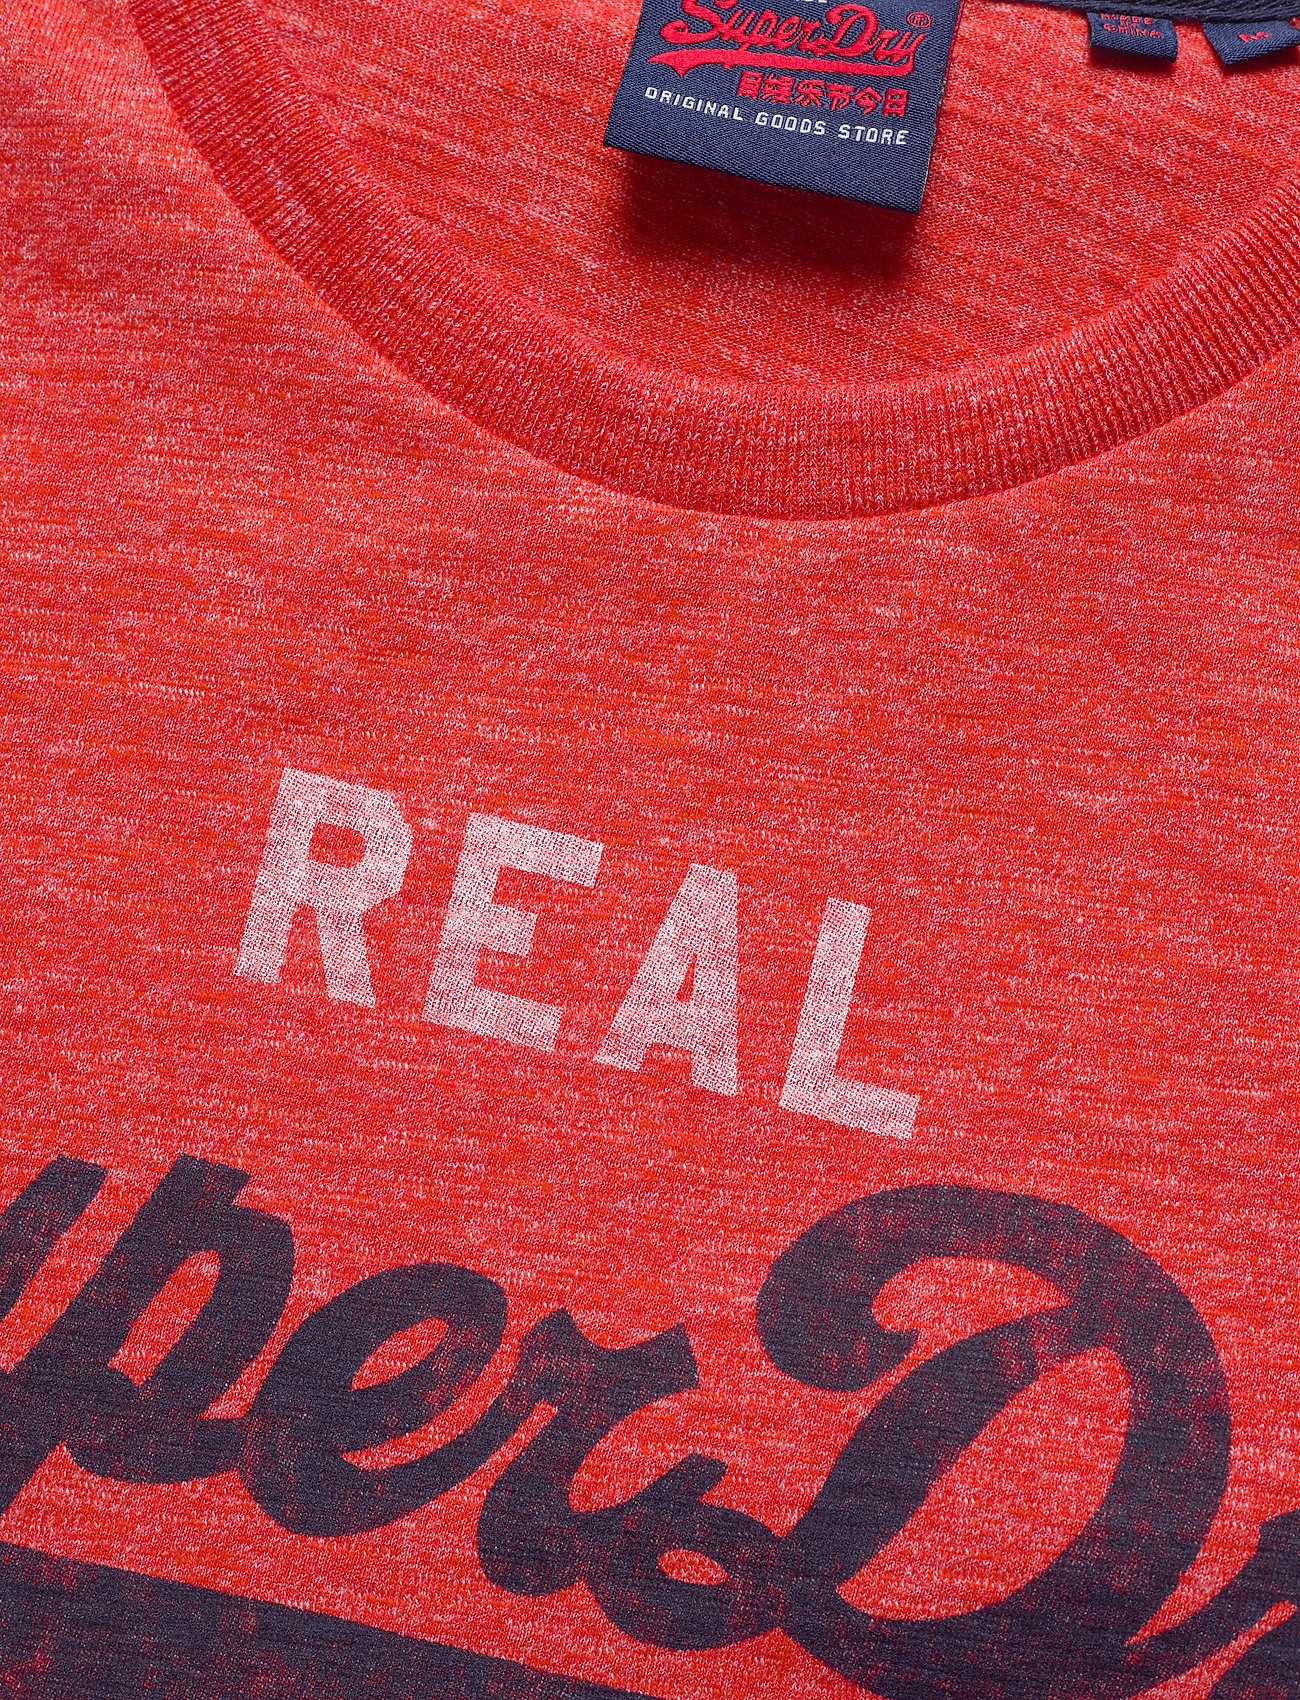 Superdry Vl Premium Goods Tee - T-skjorter GRENADINE GRINDLE - Menn Klær